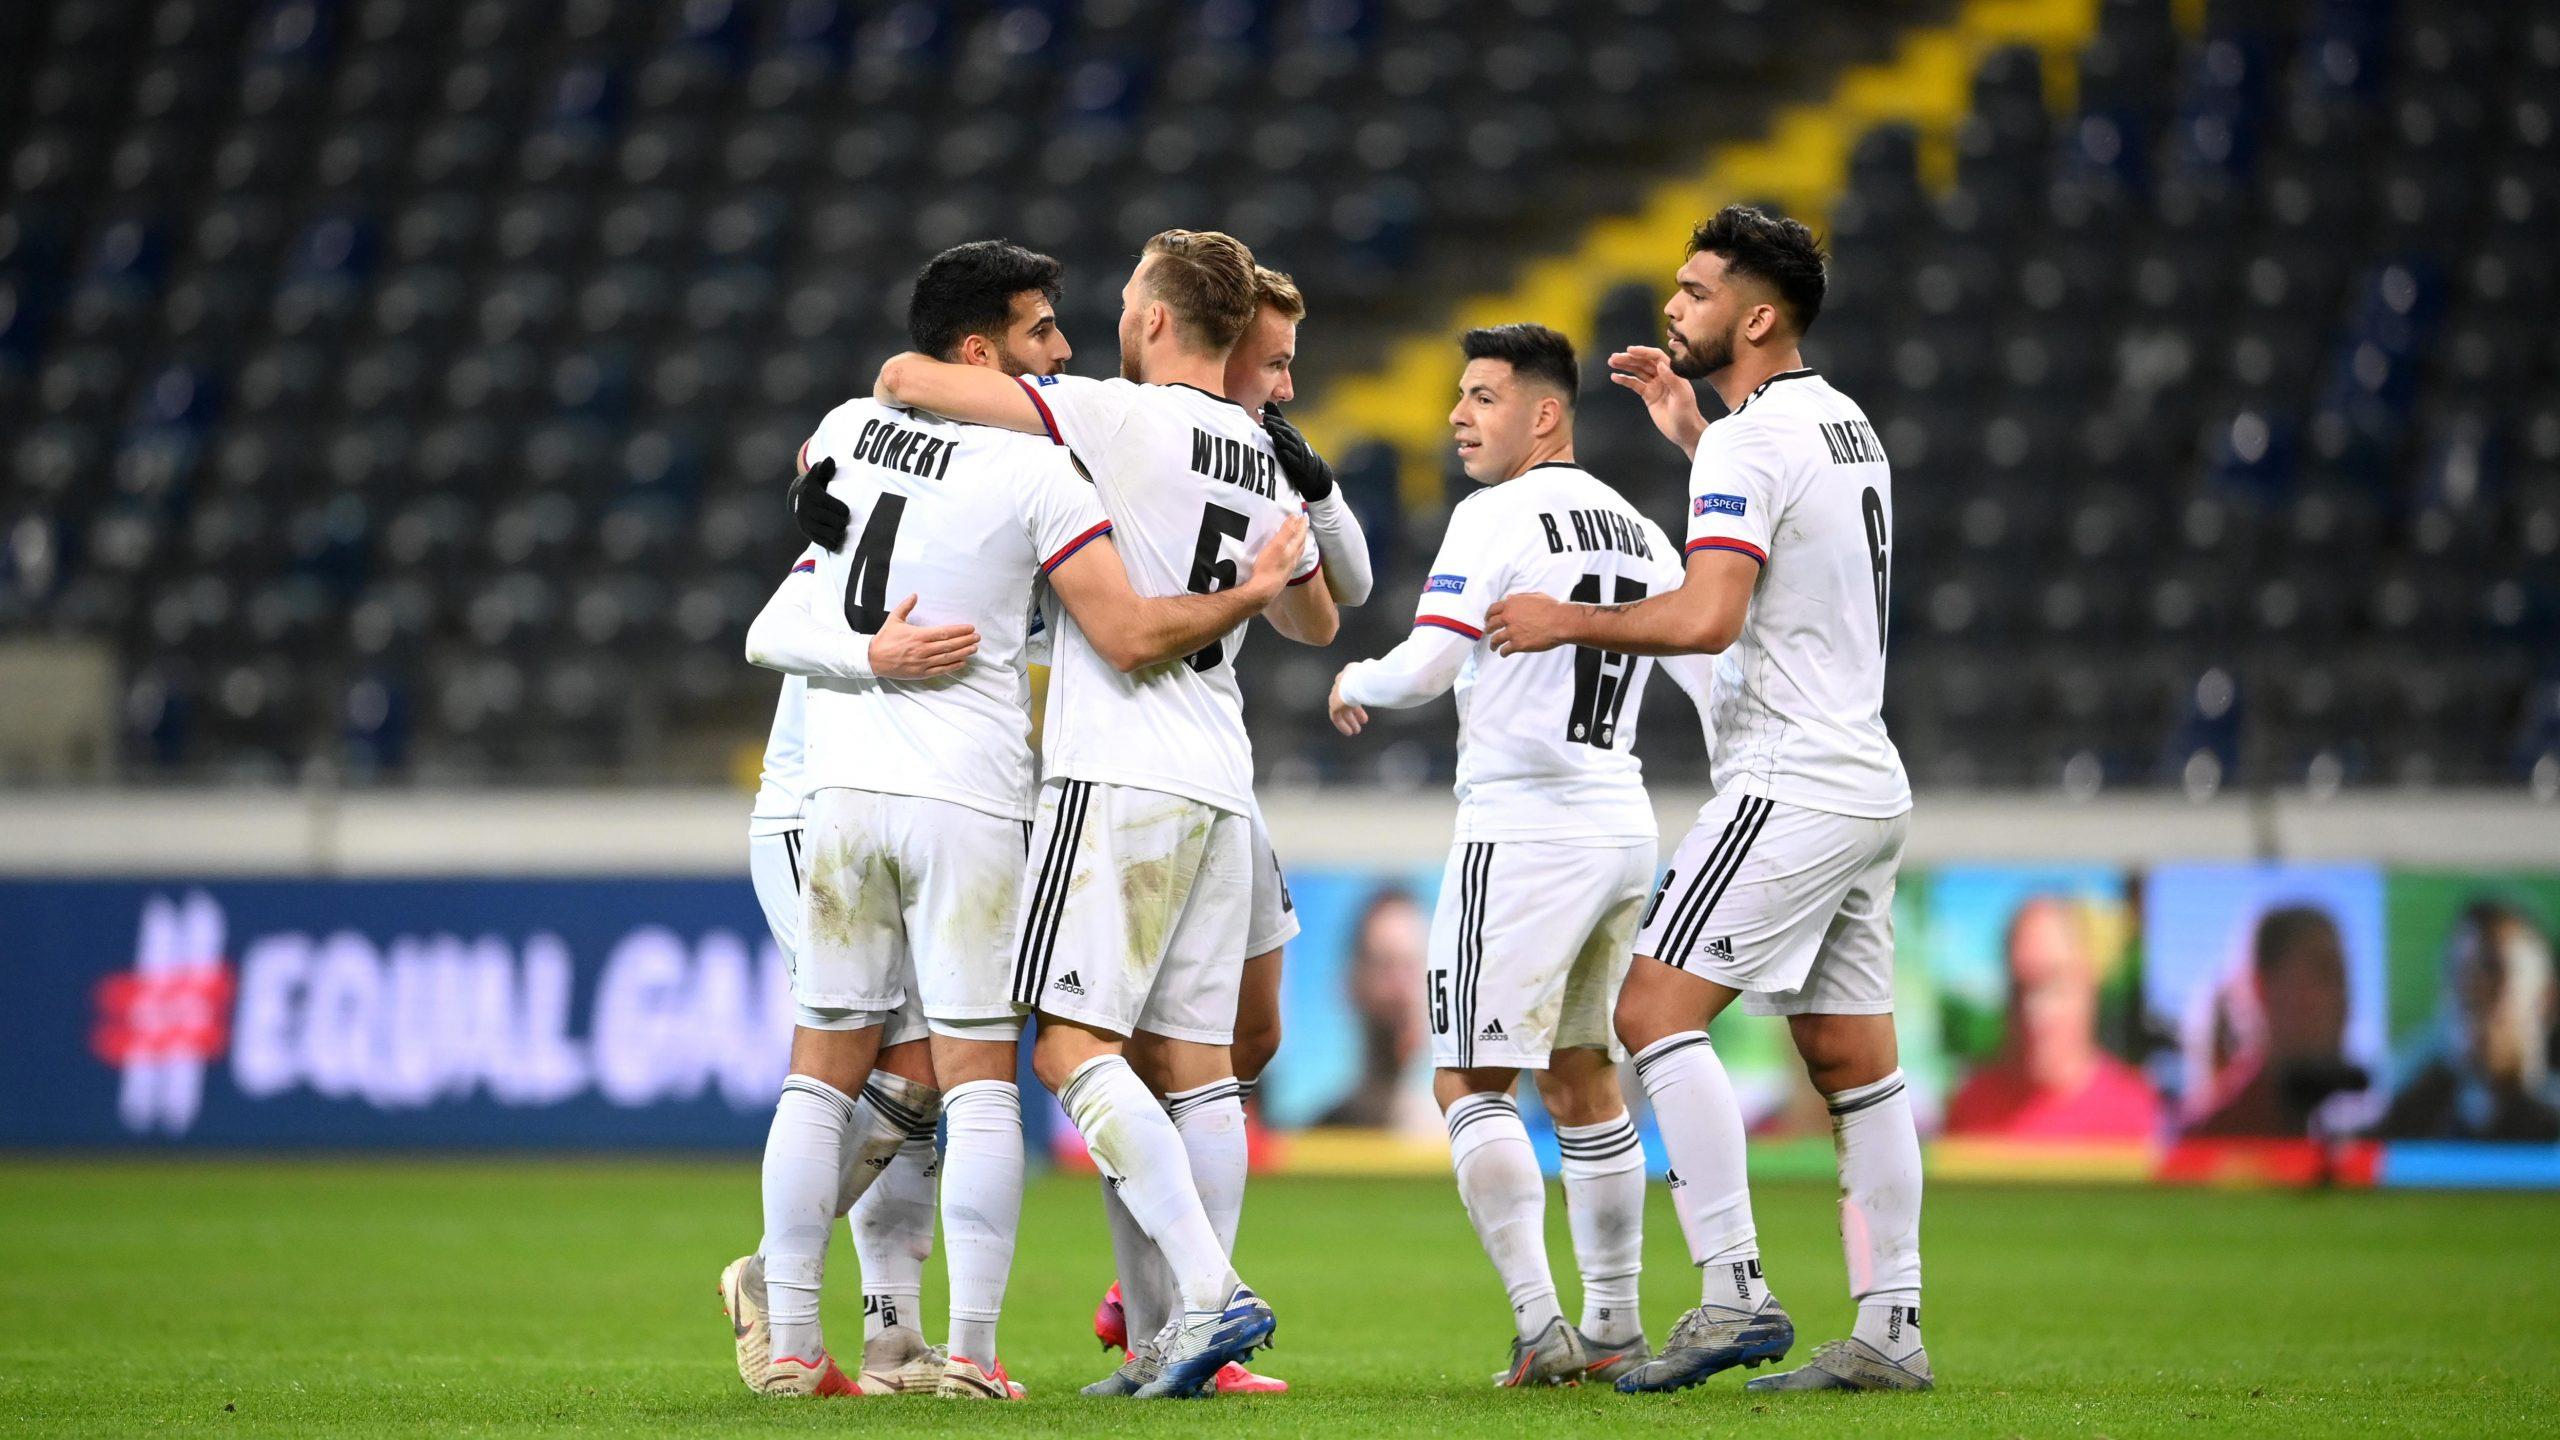 Europa League round up: Arsenal favourites to reach next round